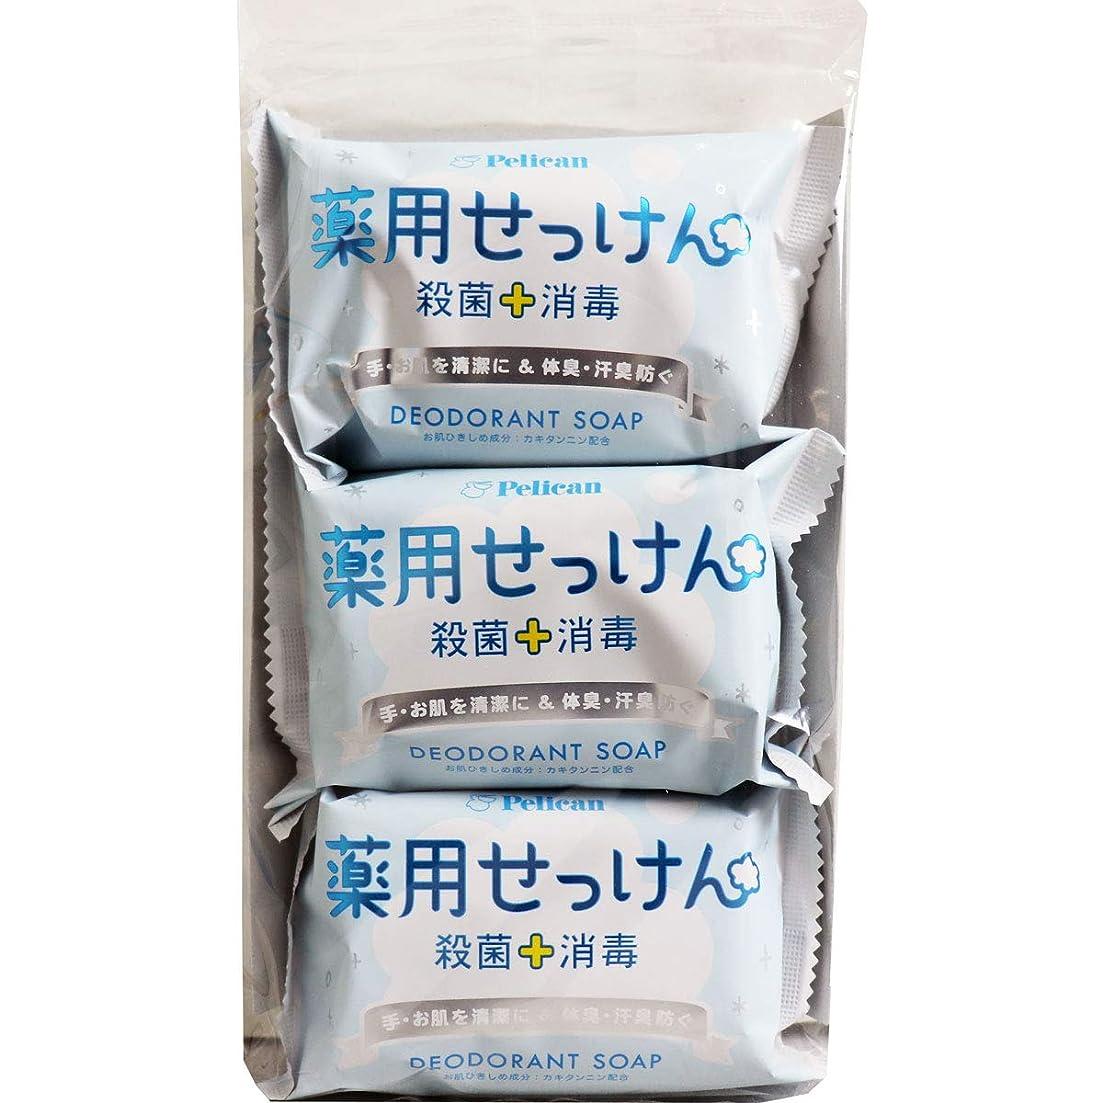 カップルエキスマージペリカン石鹸 薬用石けん 85g×3個×4パック